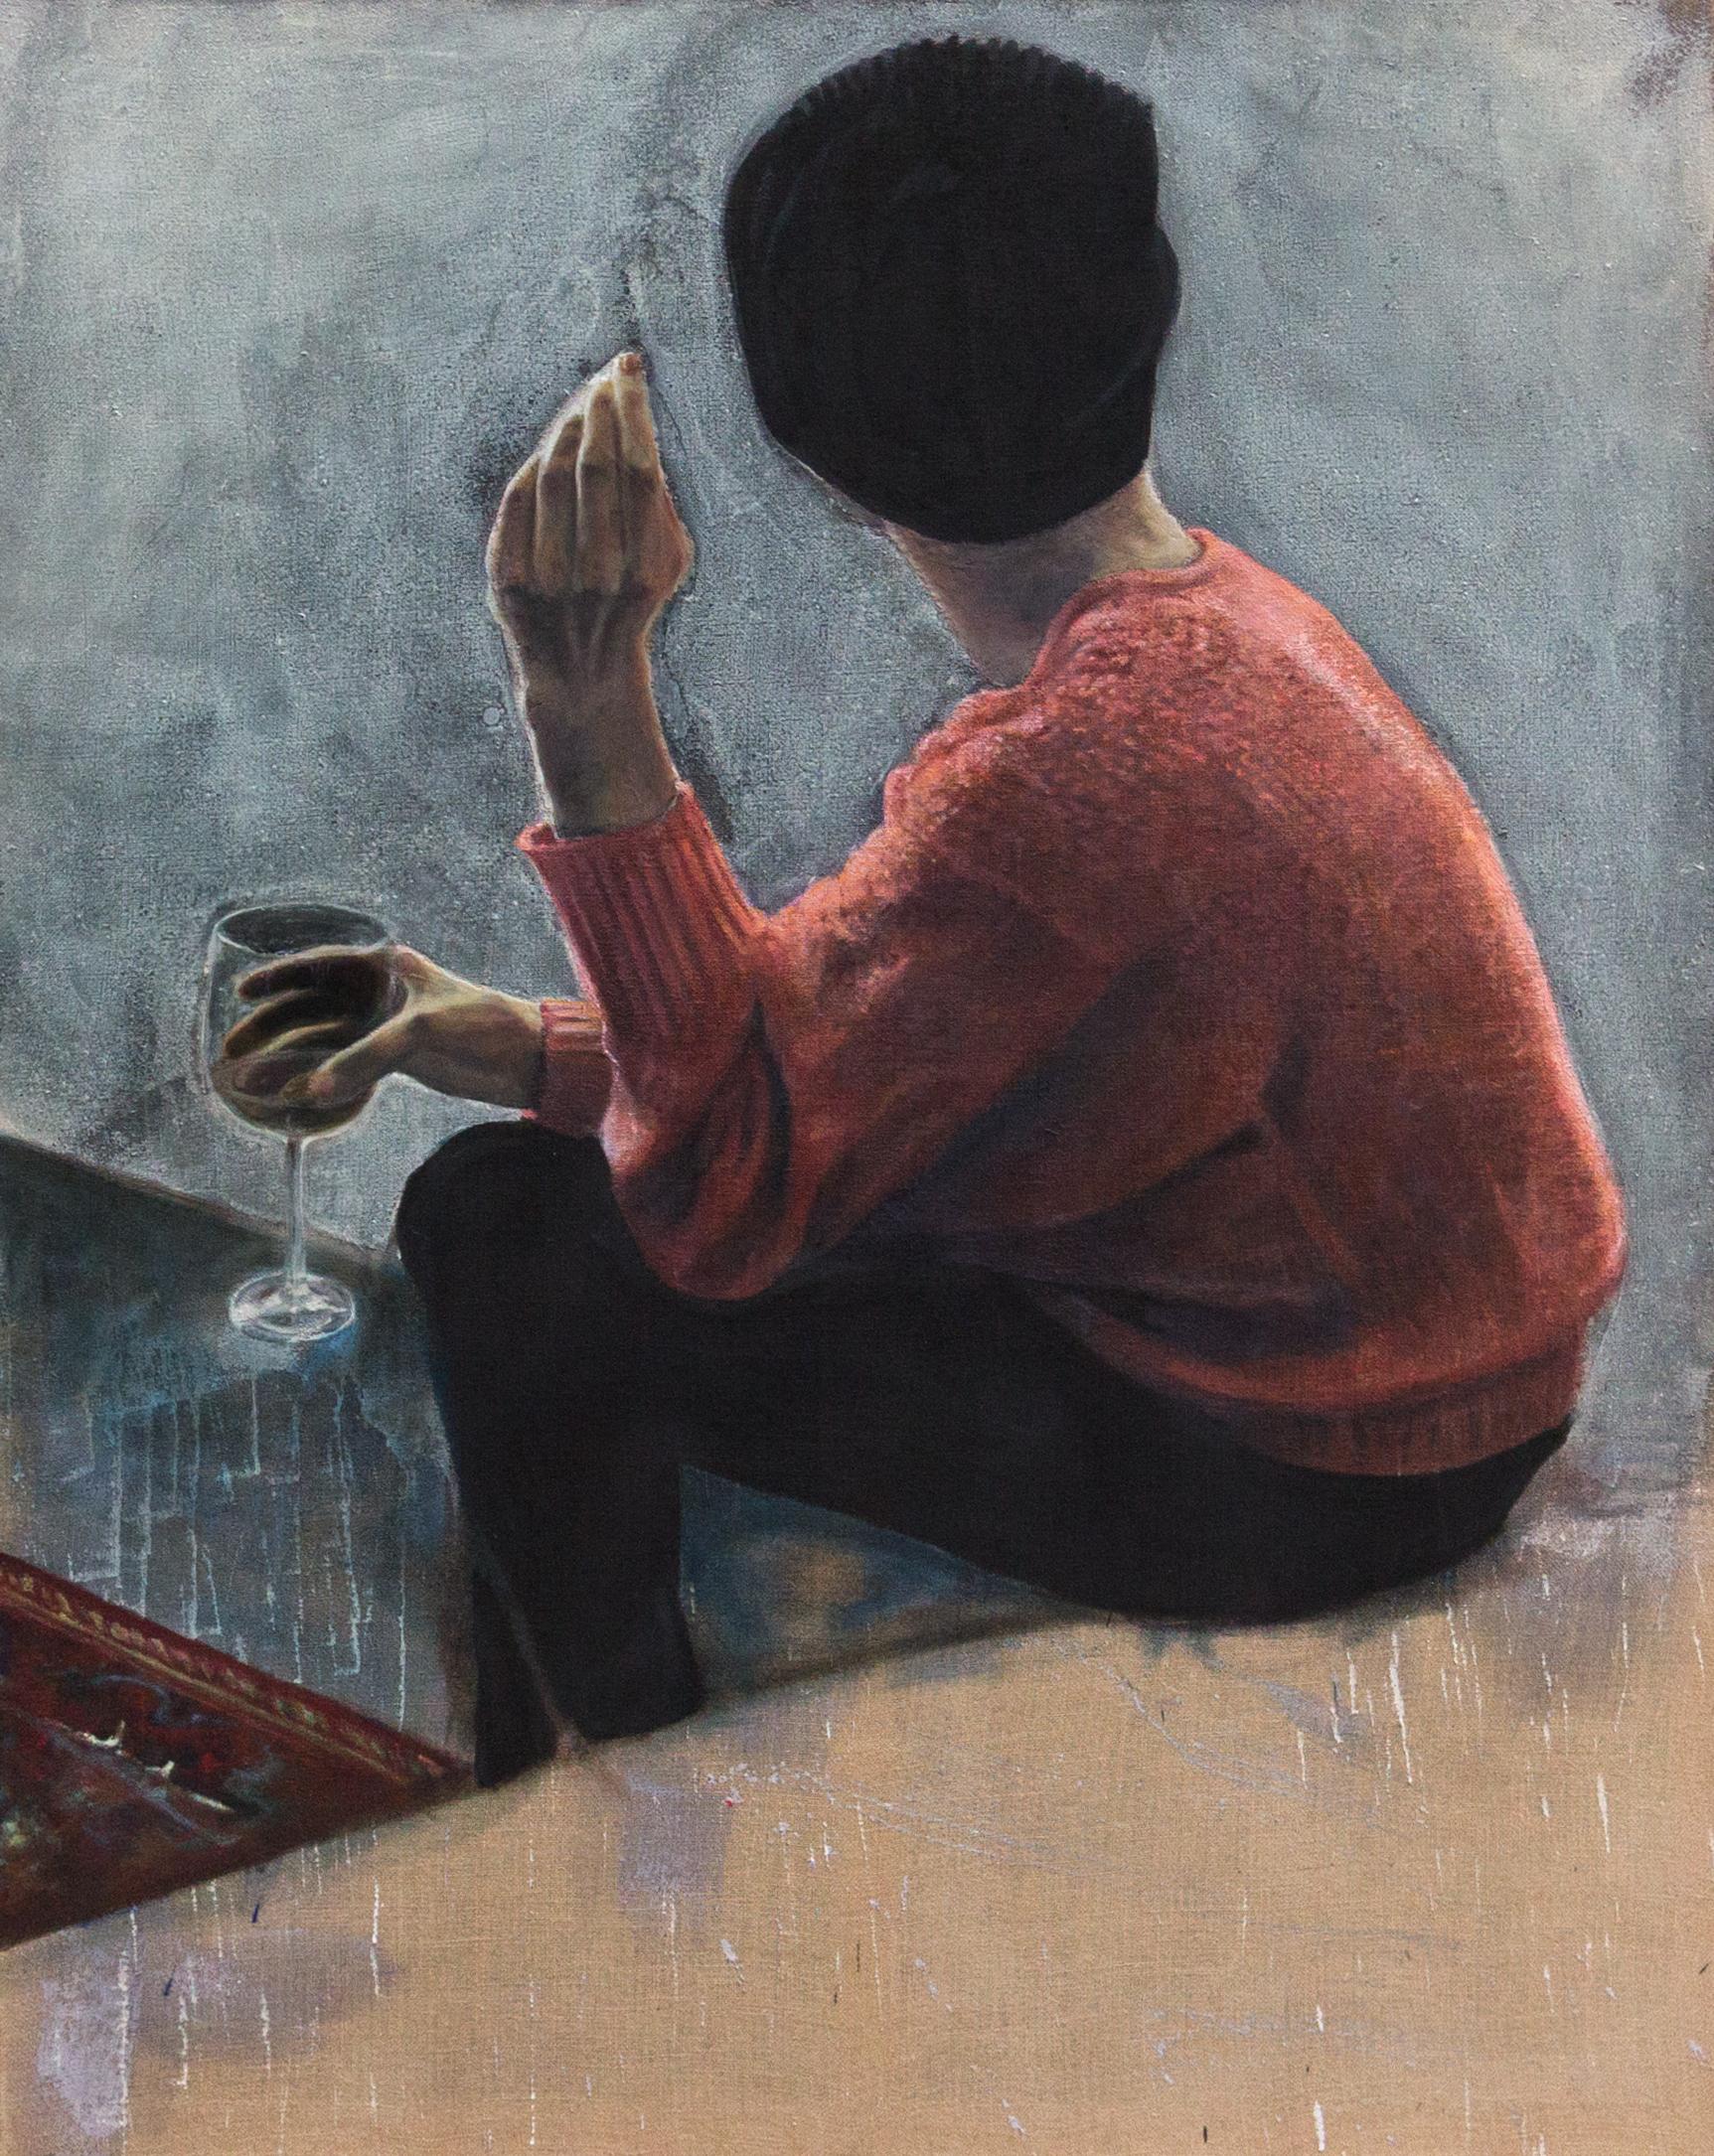 Thomas Schrenk, Mädchen von hinten, Öl und Wachs auf Jute, 120 x 150 cm. © Thomas Schrenk.